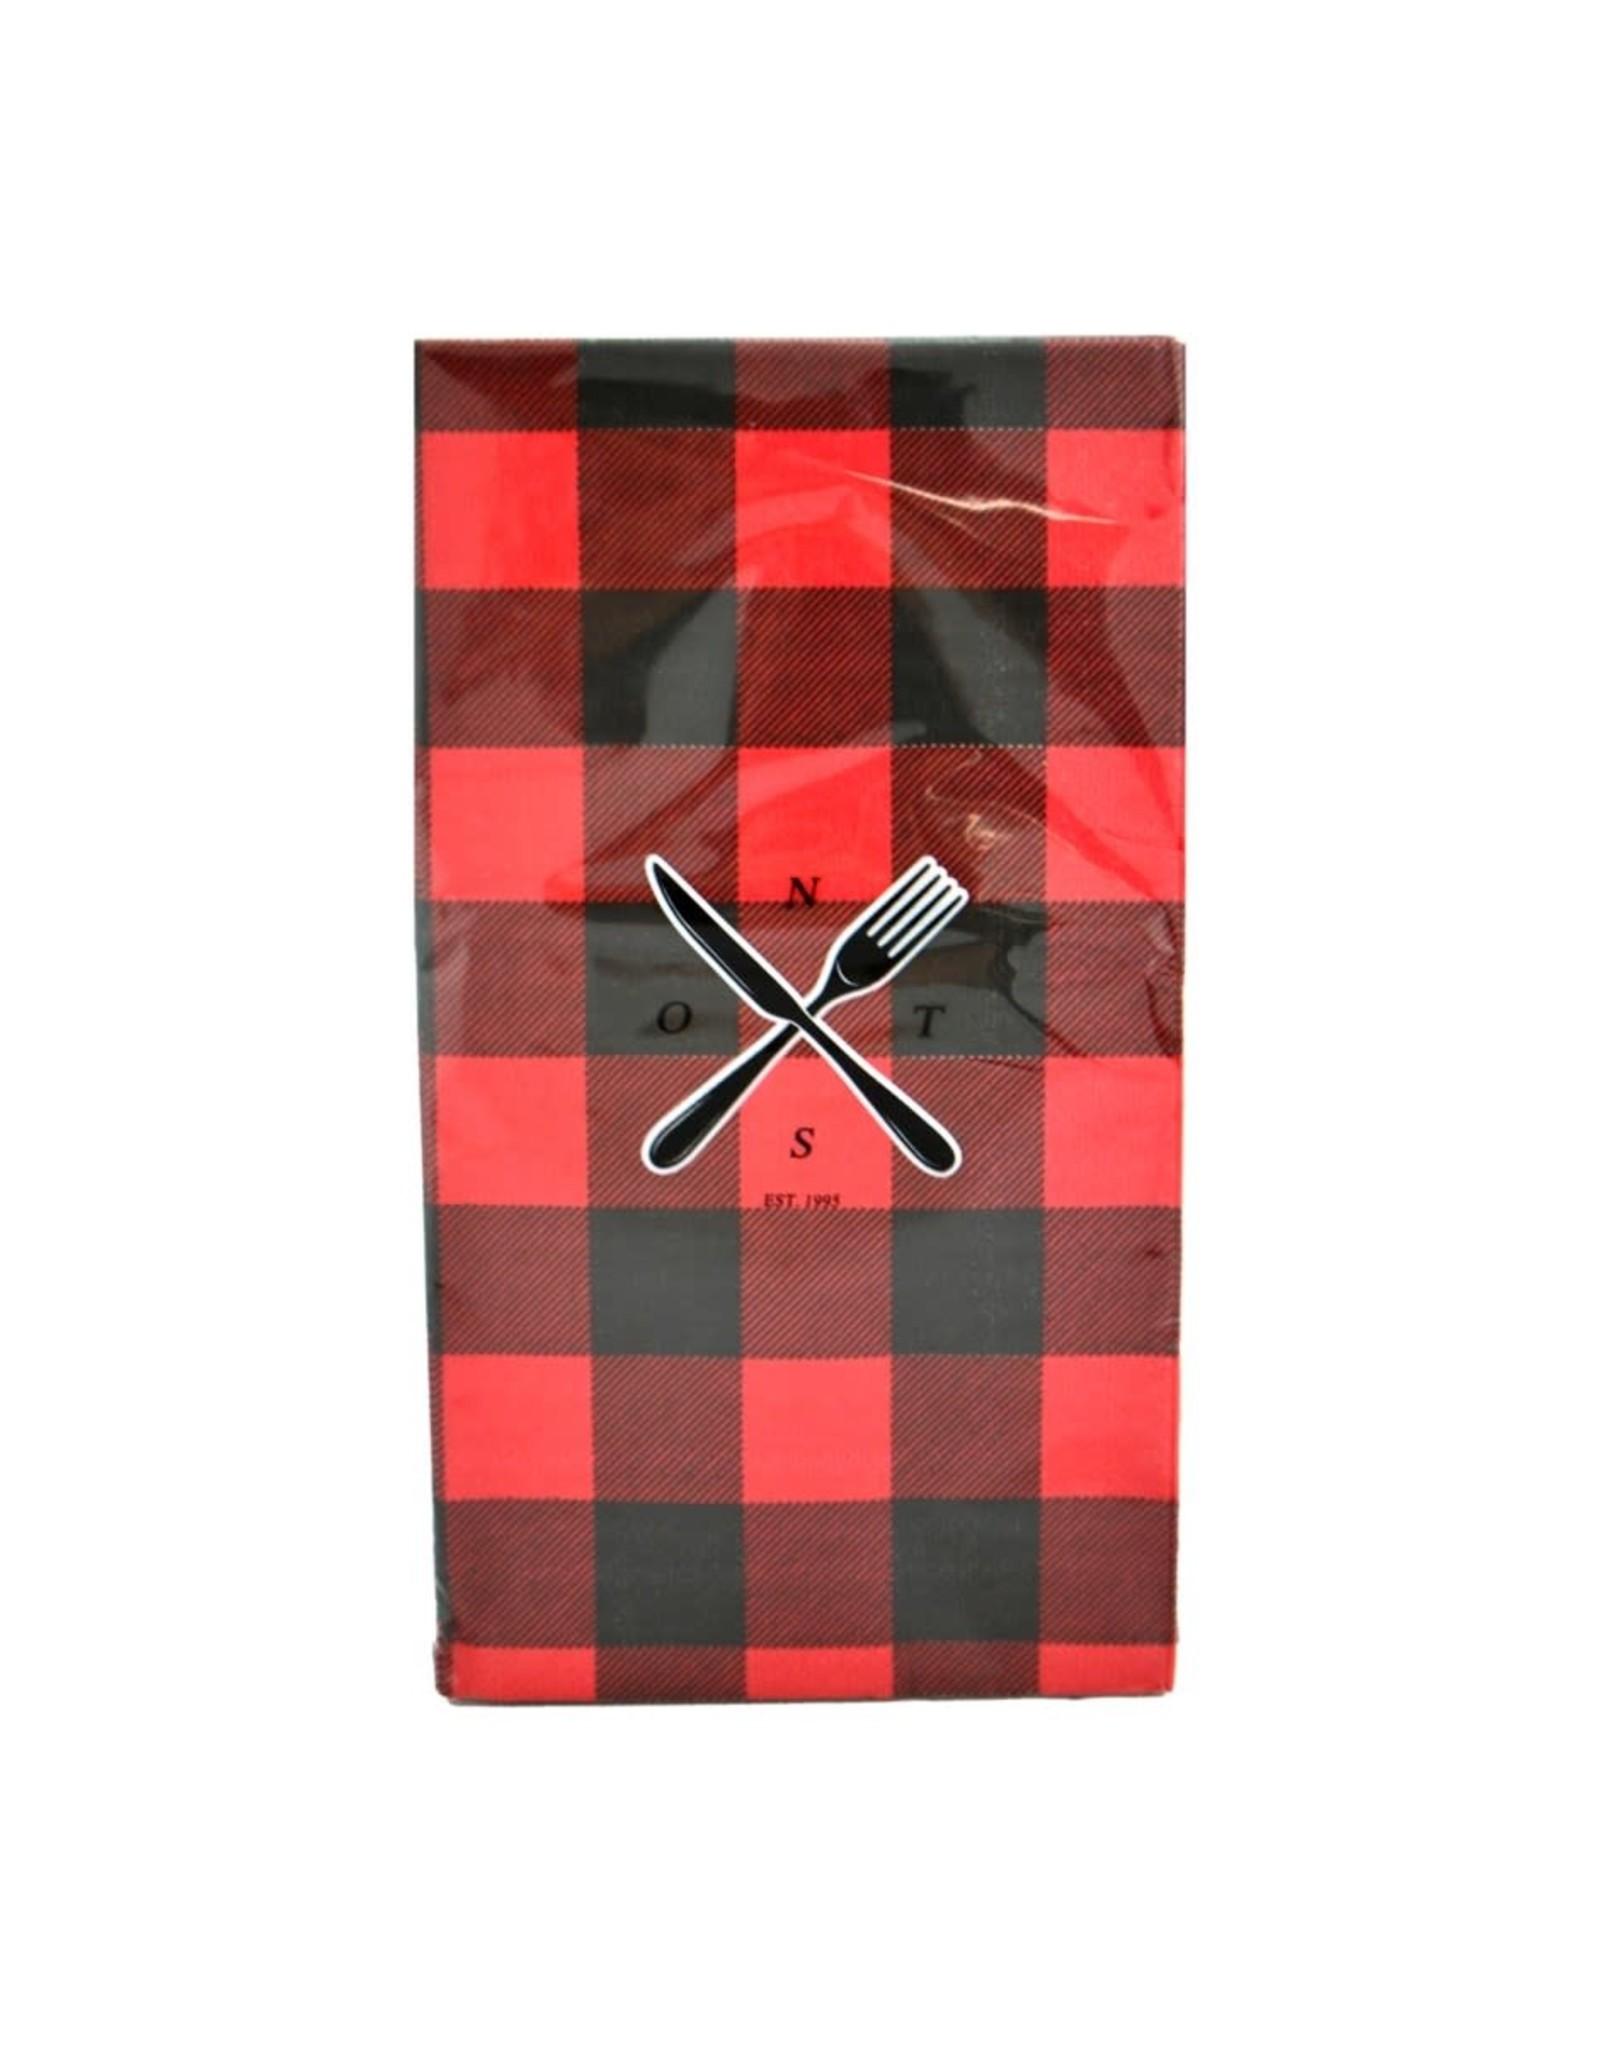 Serviettes de table carreaux noirs et rouges 10 pcs